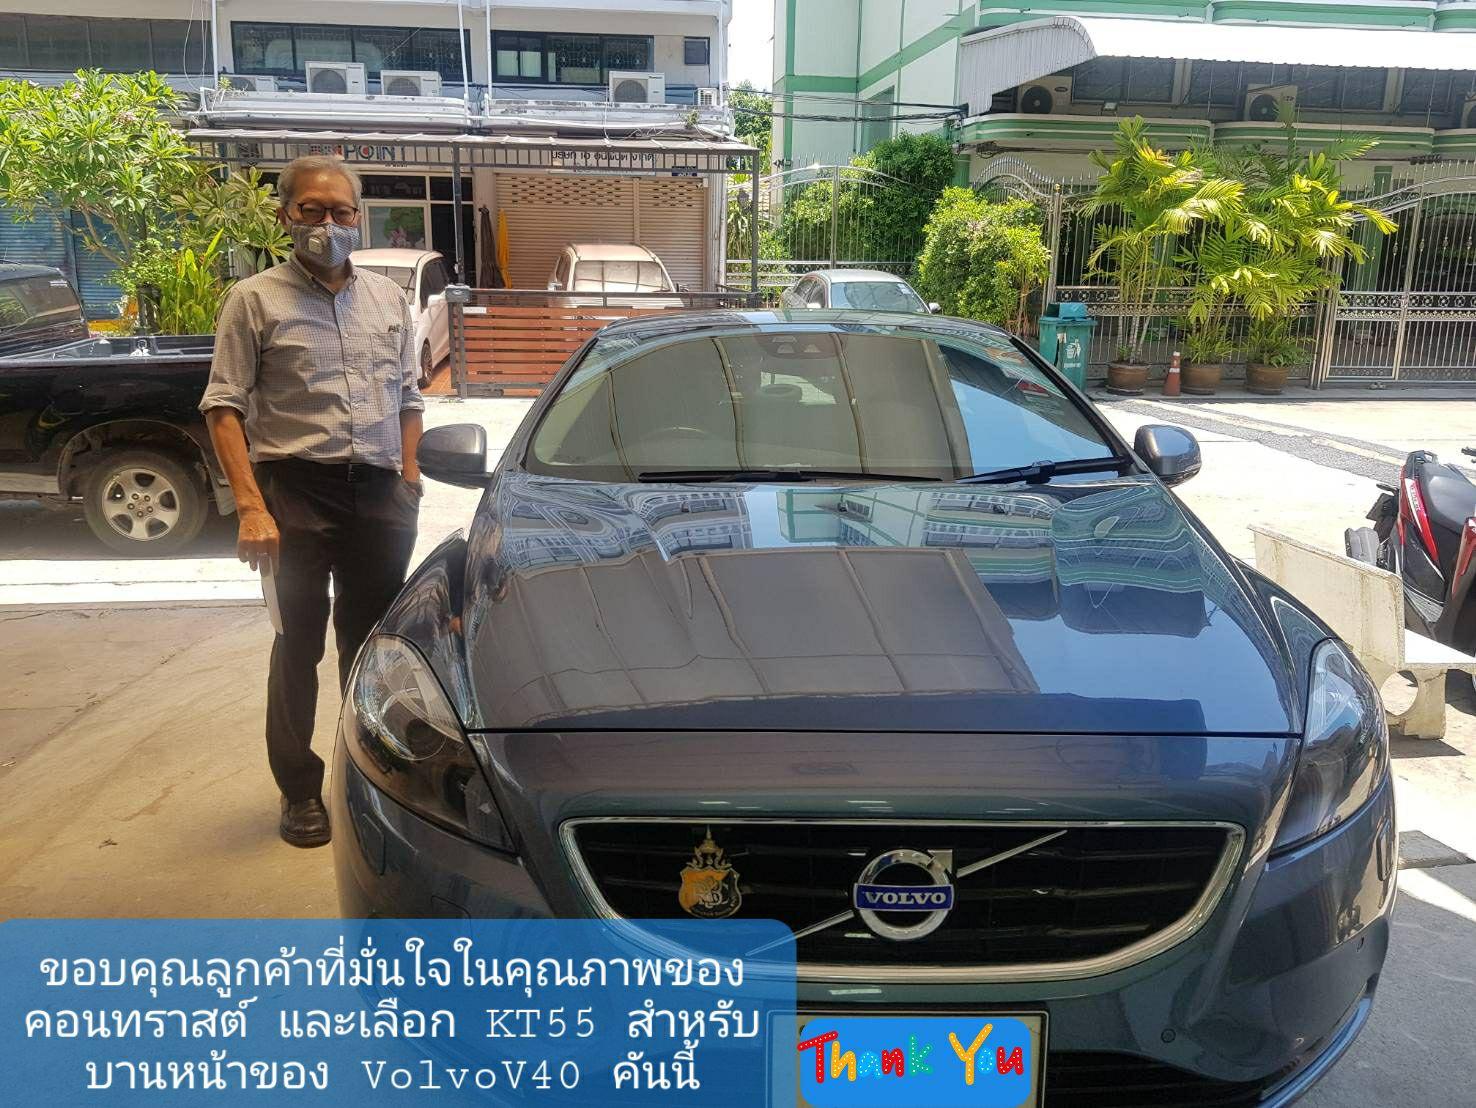 วันนี้คอนทราสต์รุ่น KT55 ได้รับใช้ลูกค้าเก่าที่มั่นใจนำ Volvo V40 มาติดฟิล์มเพิ่มอีก 1 คันครับ